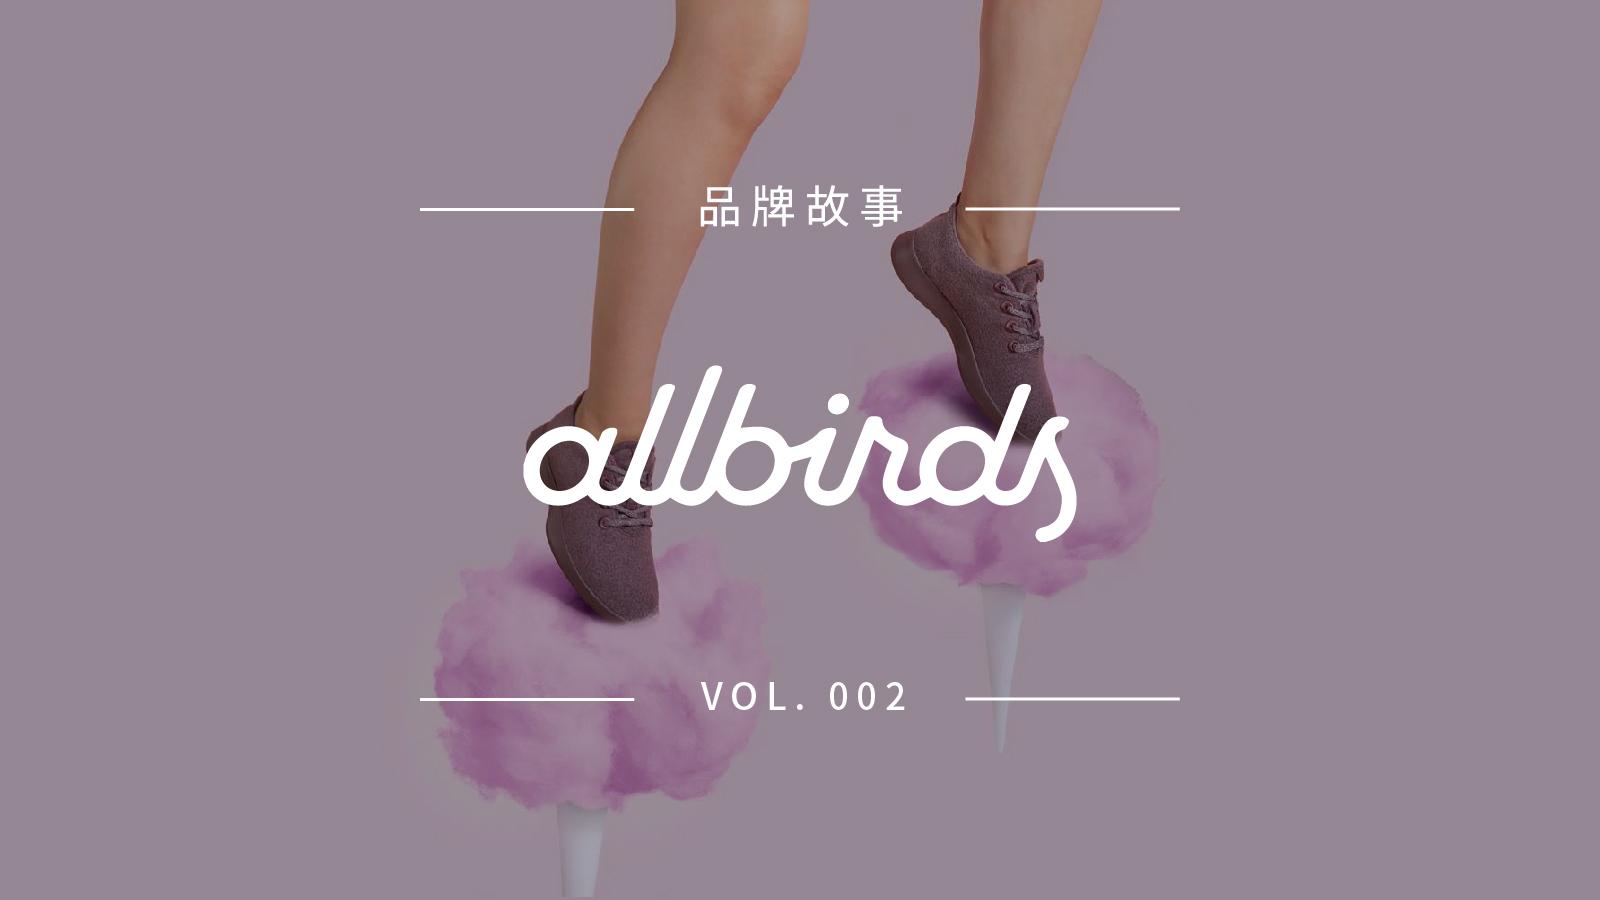 「世界上最舒服的鞋」Allbirds,如何成为增长最快的鞋类品牌